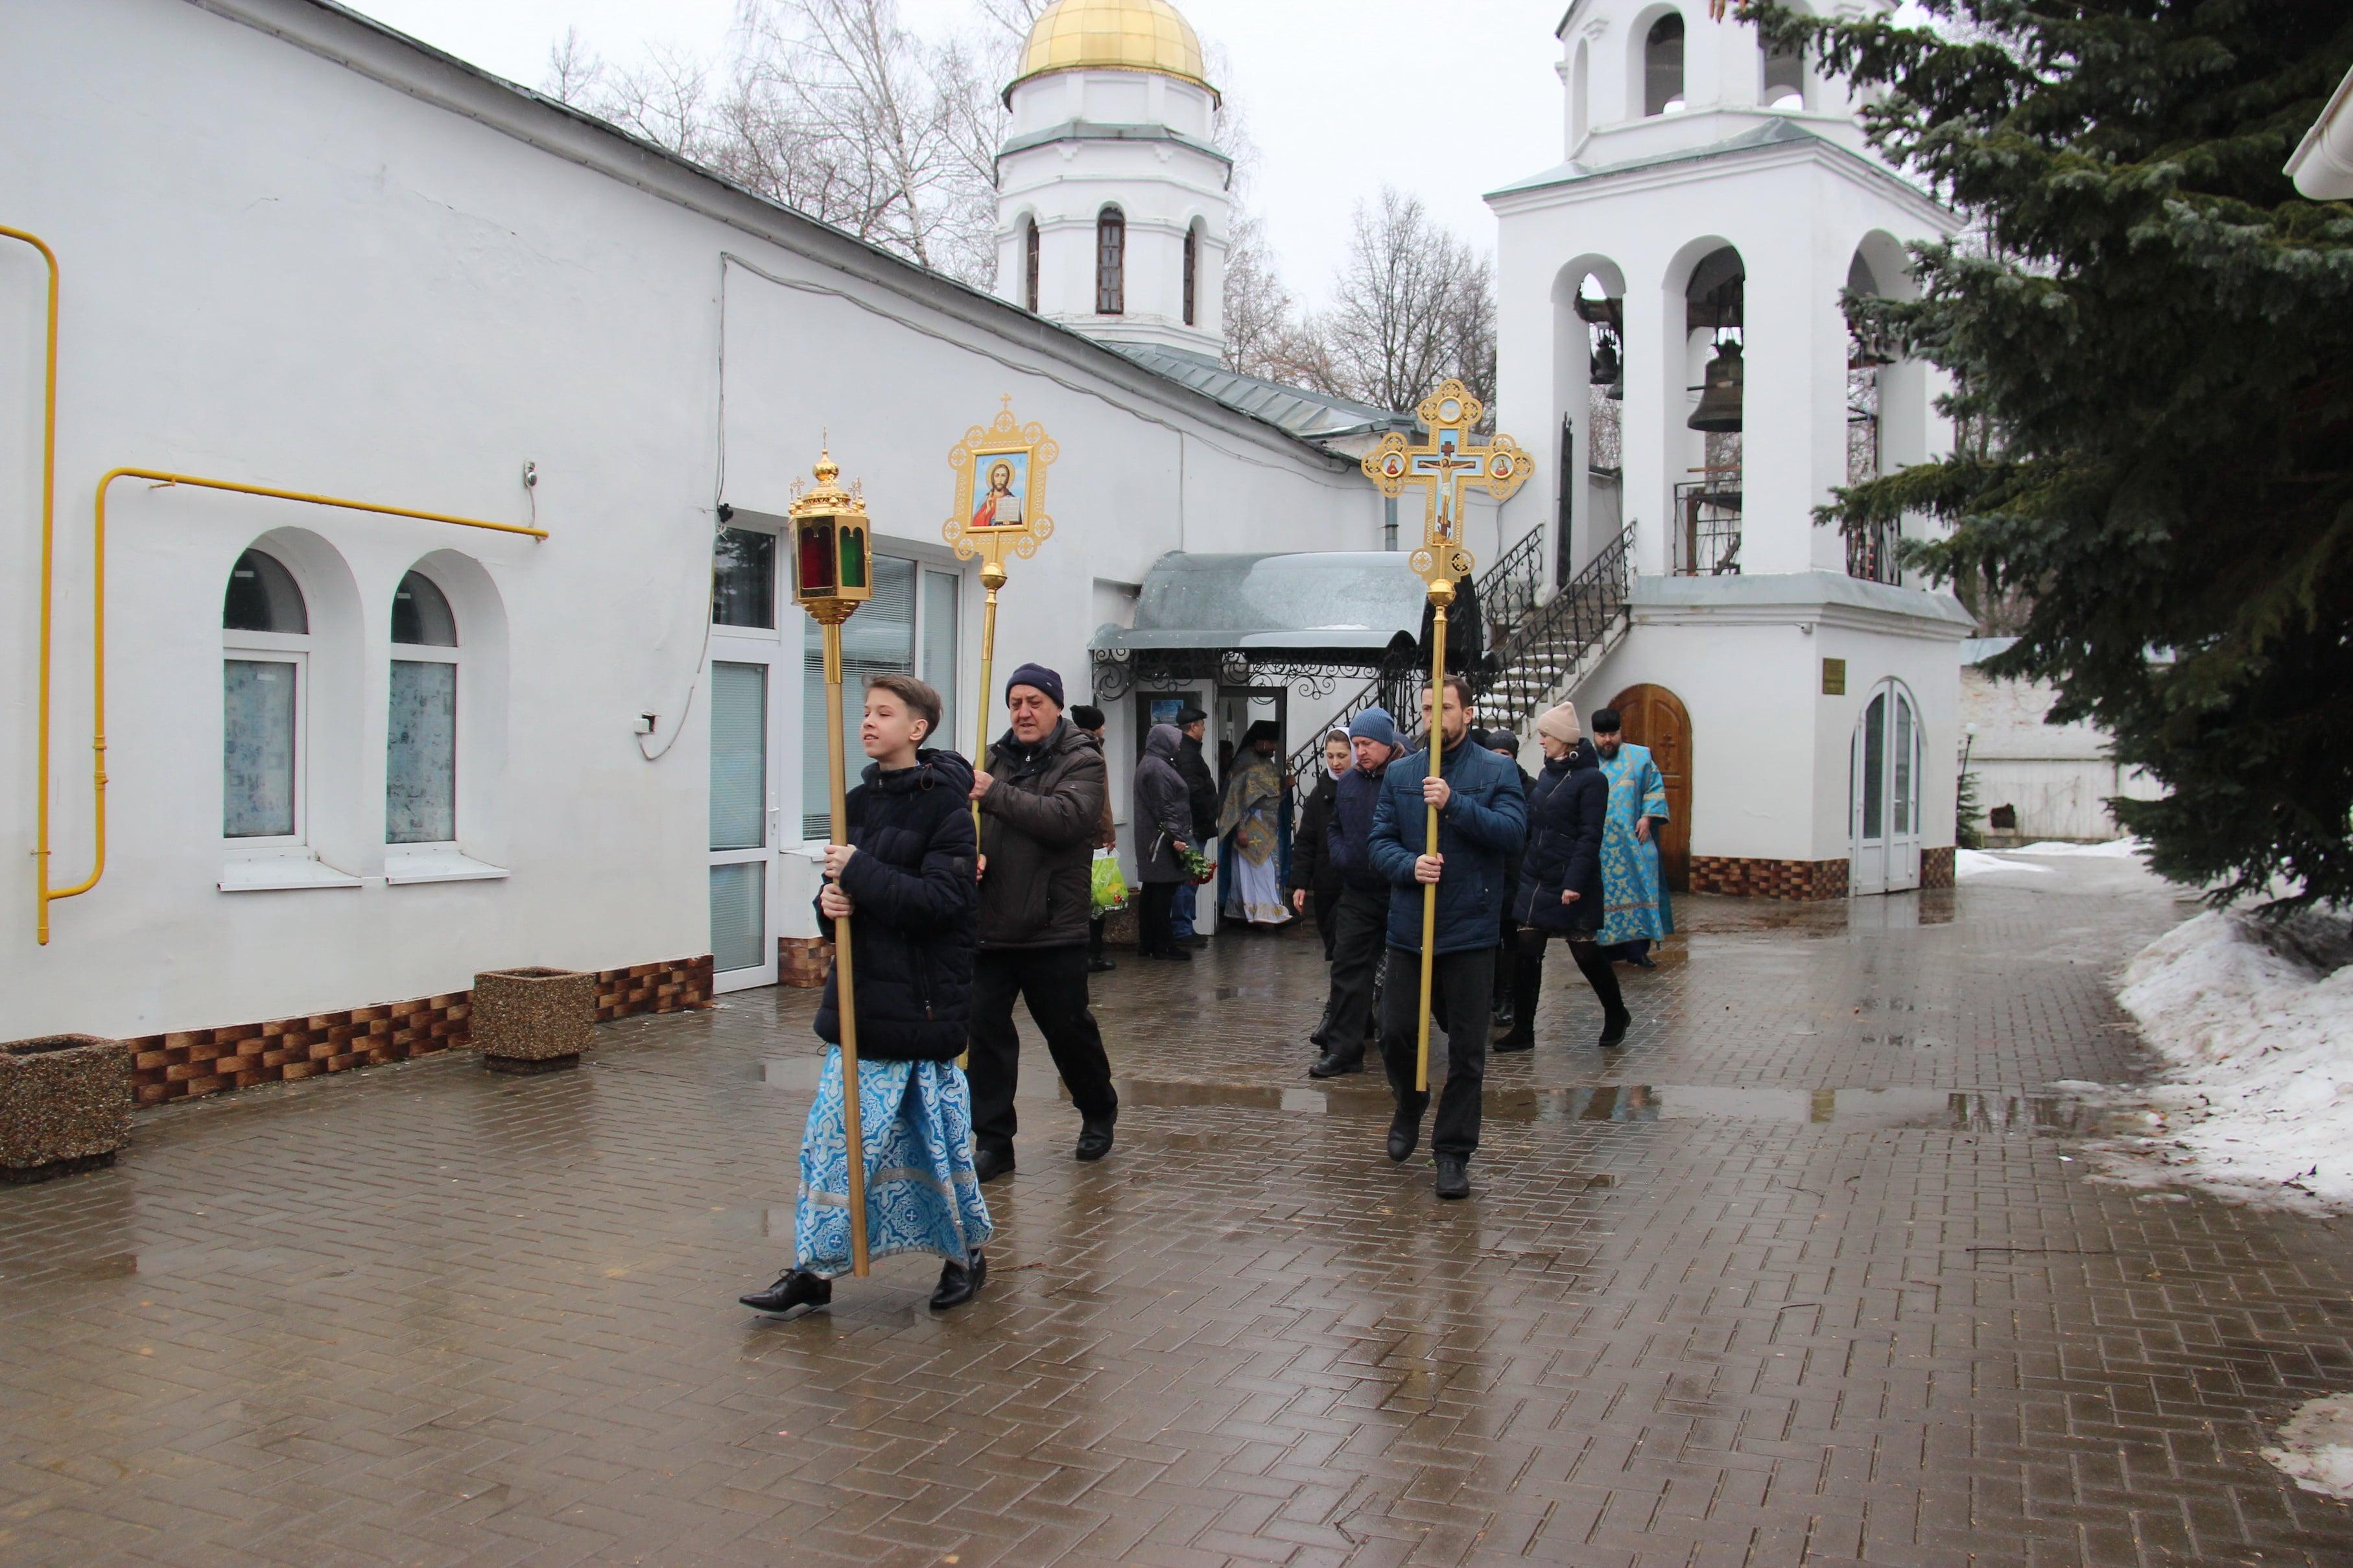 http://monuspen.ru/photoreports/cfb6a29ae0d6f6a8689fb40423a26bg3.JPG